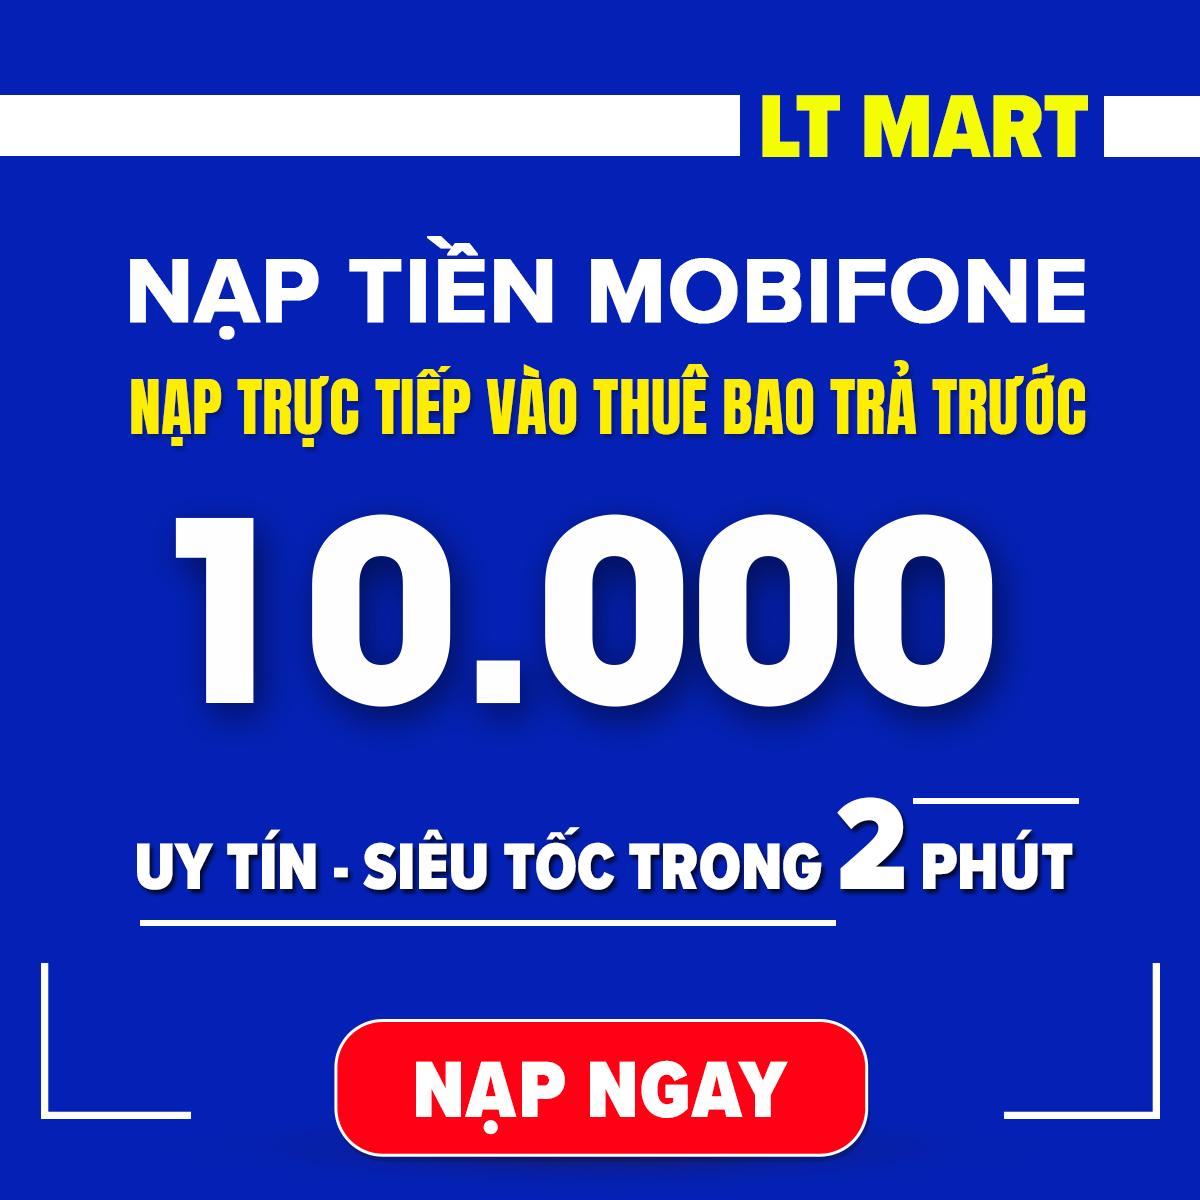 [HCM]Nạp tiền Mobifone 10.000 nạp tiền trực tiếp cho thuê bao trả trước của mobifone. Uy tin nhanh chóng [Mobifone][10000]